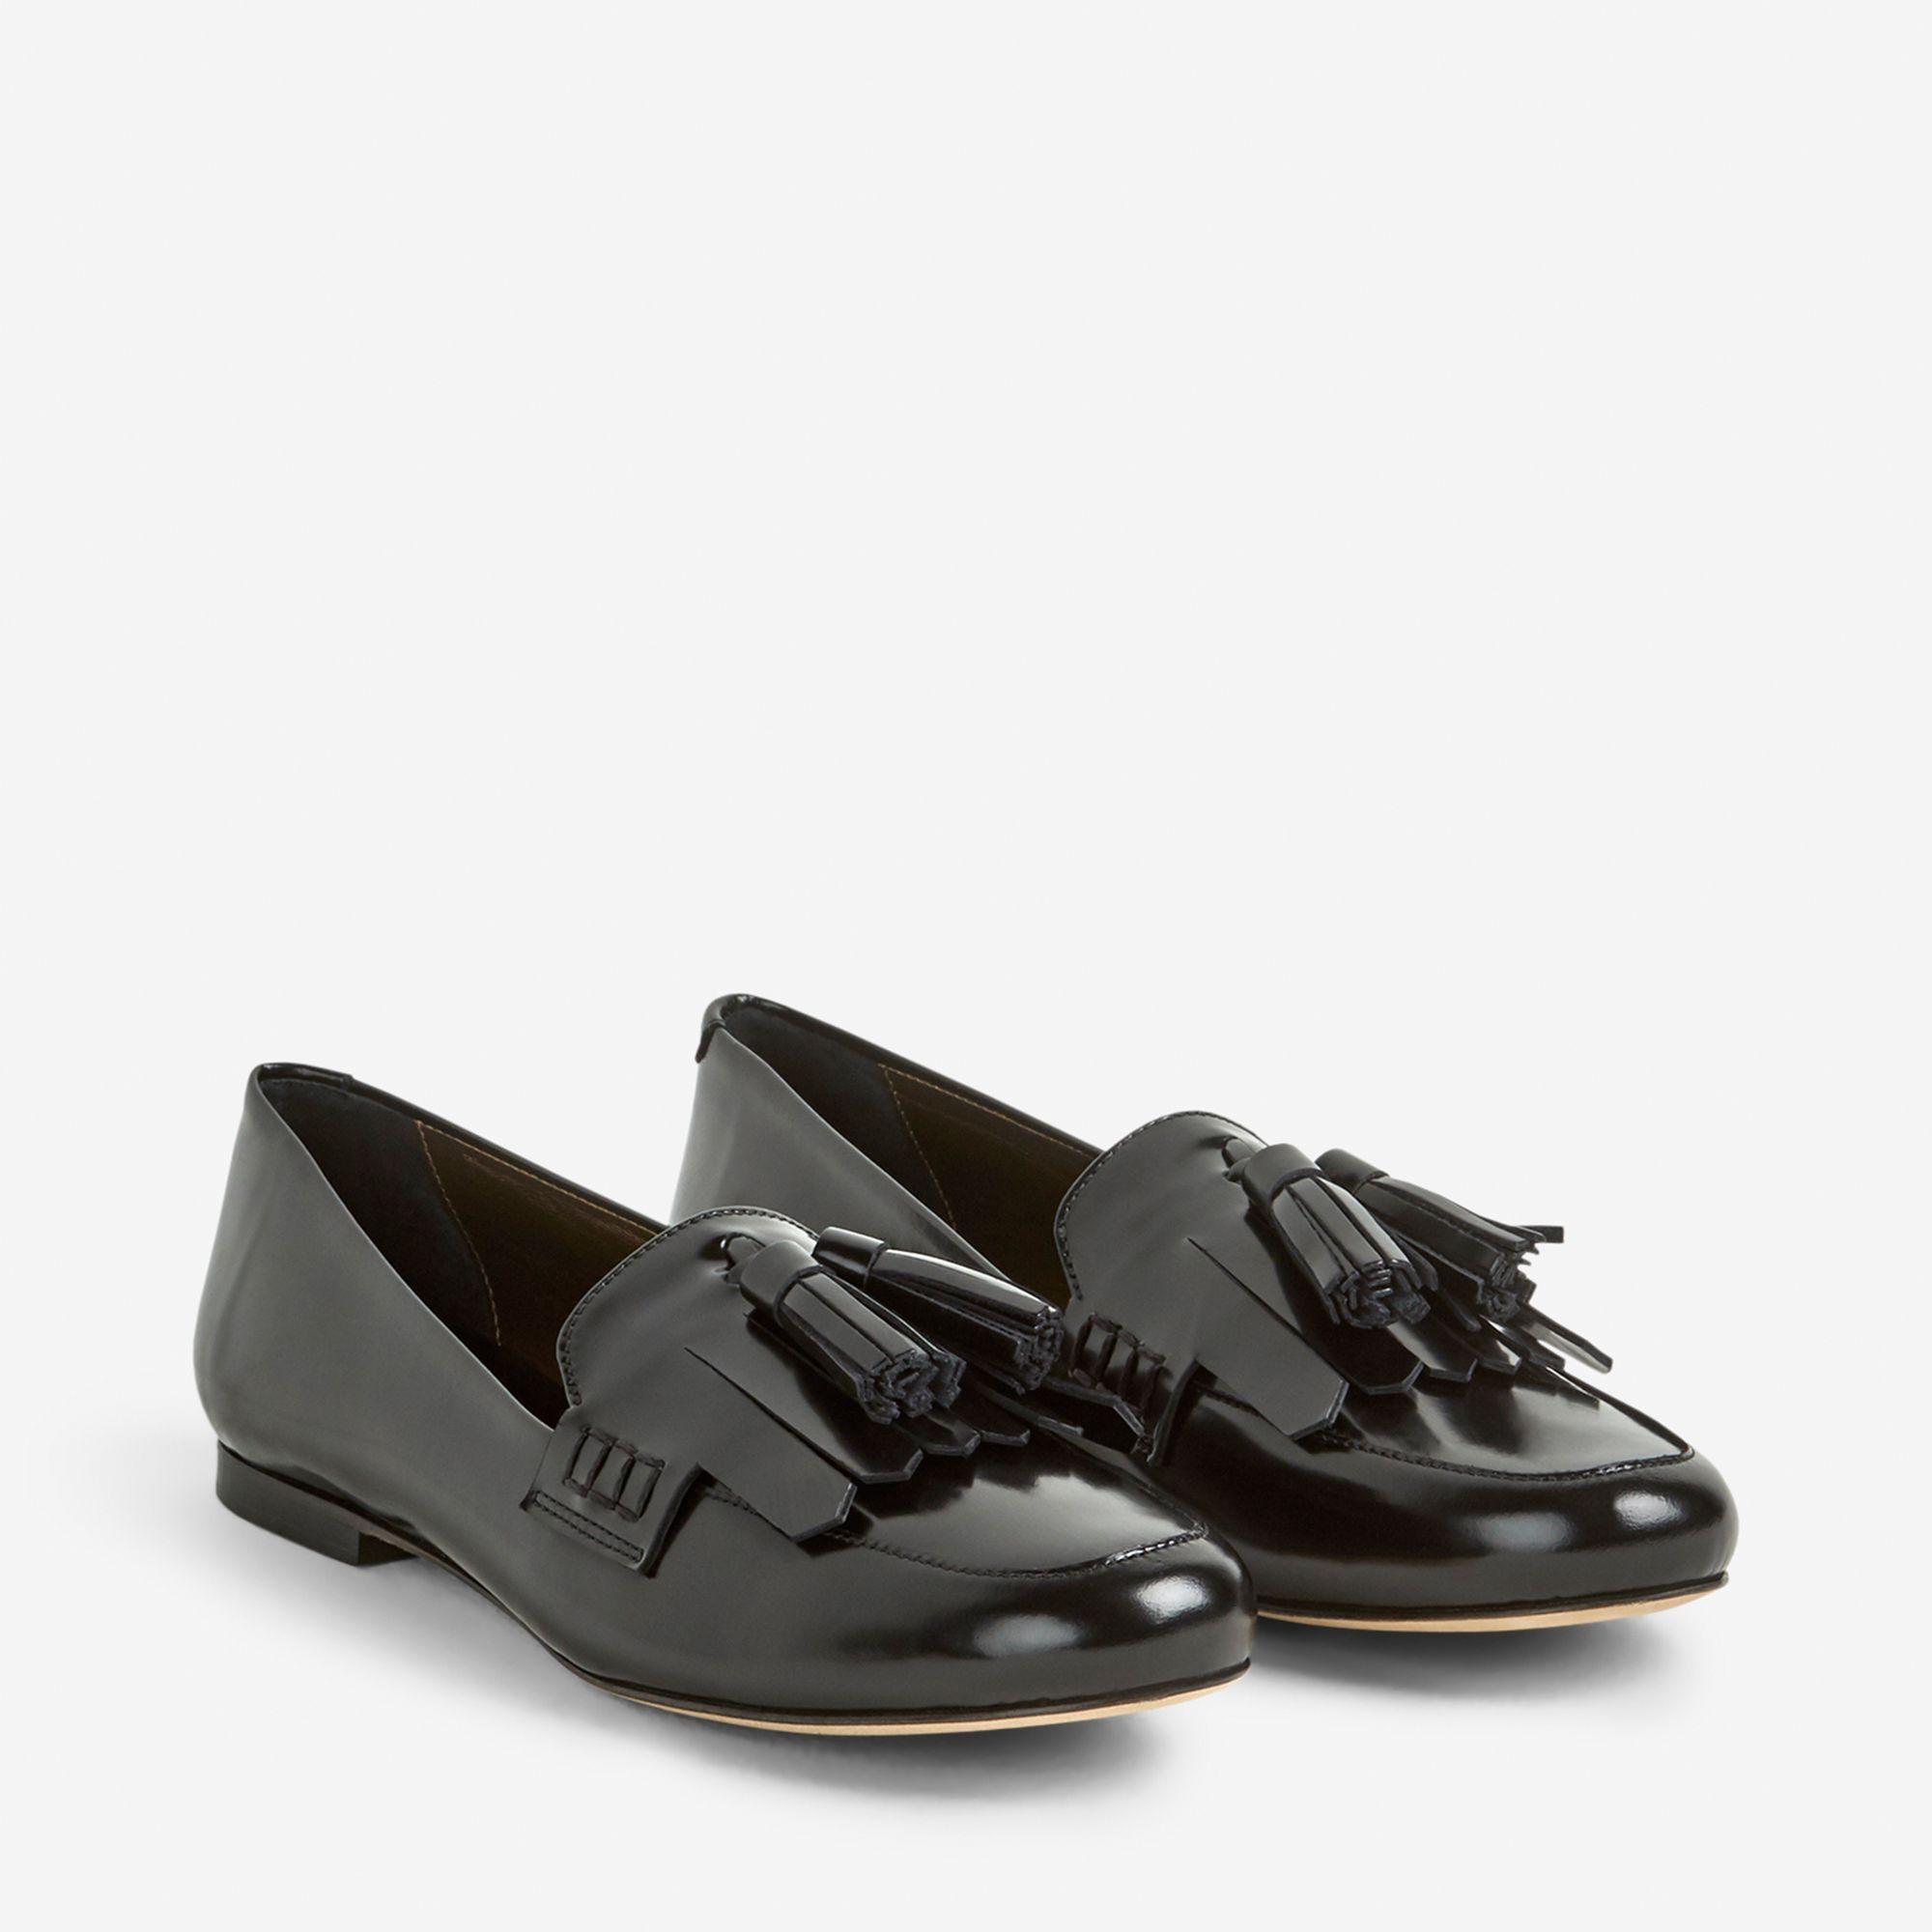 low priced 27ee9 f4491 Handla från hela världen hos PricePi. somliga går i trasiga skor